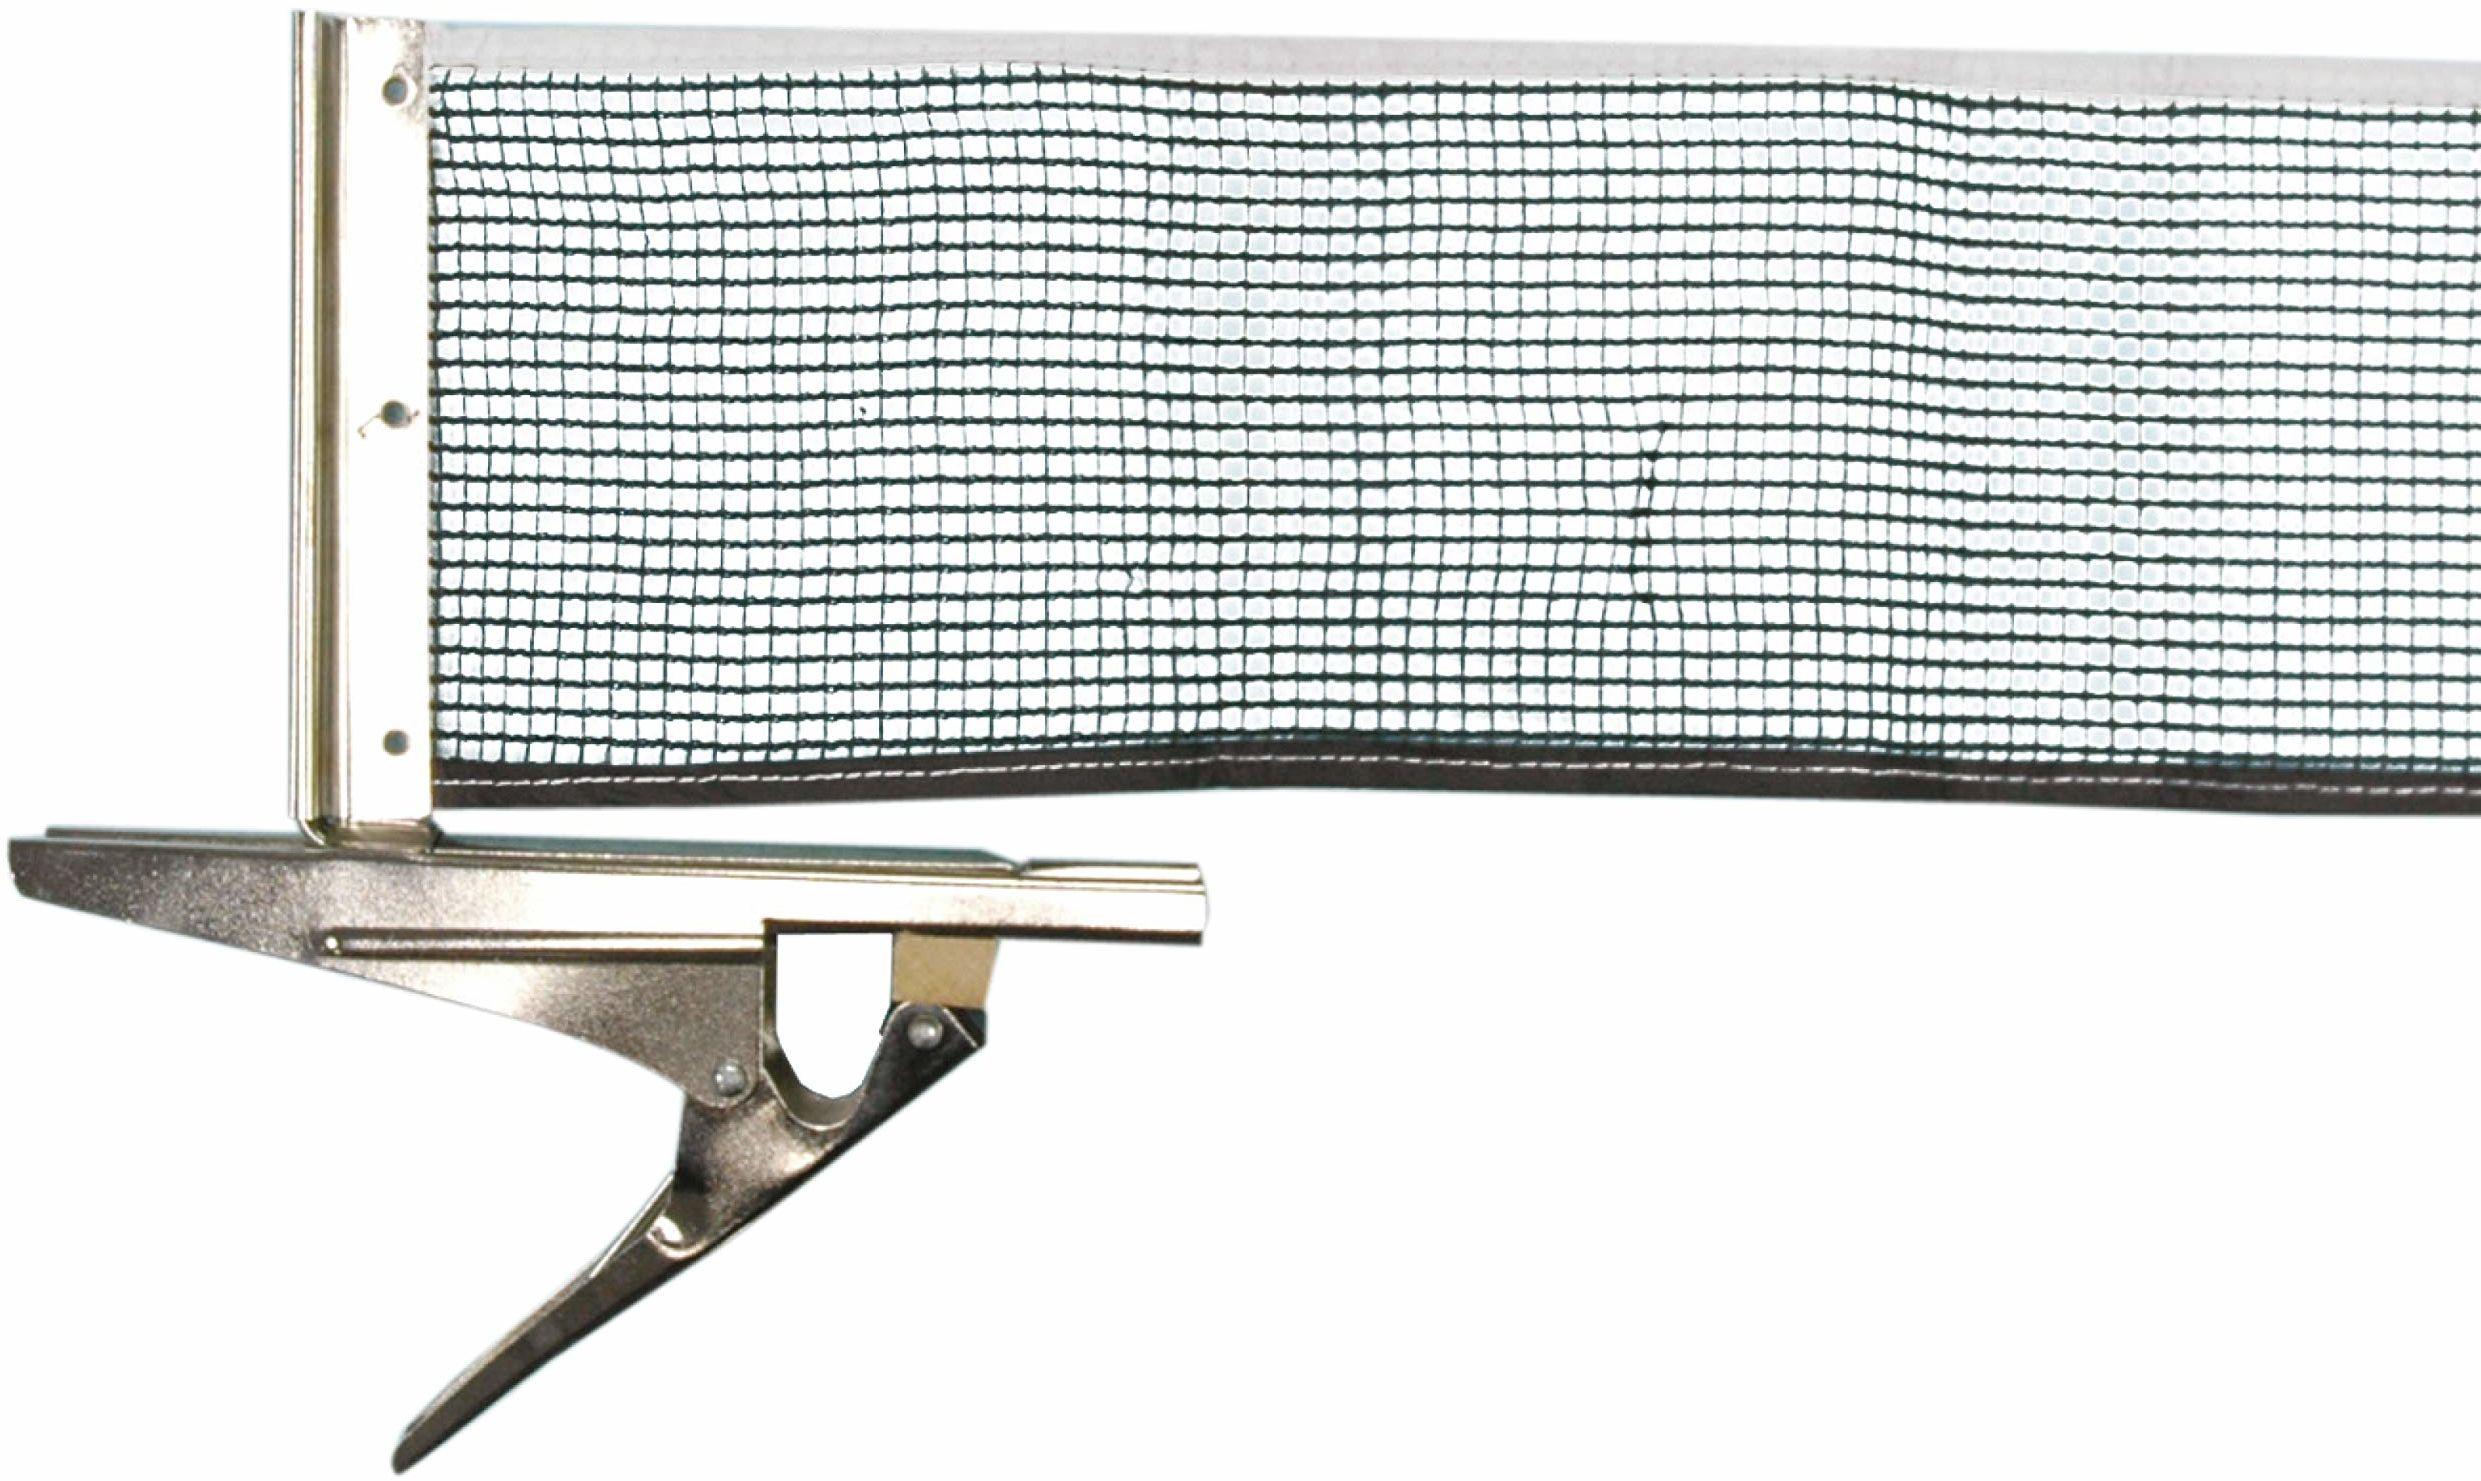 Donic-Schildkröt siatka do tenisa stołowego, nylon, z szybkomocującymi klipsami mocującymi, maksymalna grubość stołu 4,0 cm, w etui, 808335